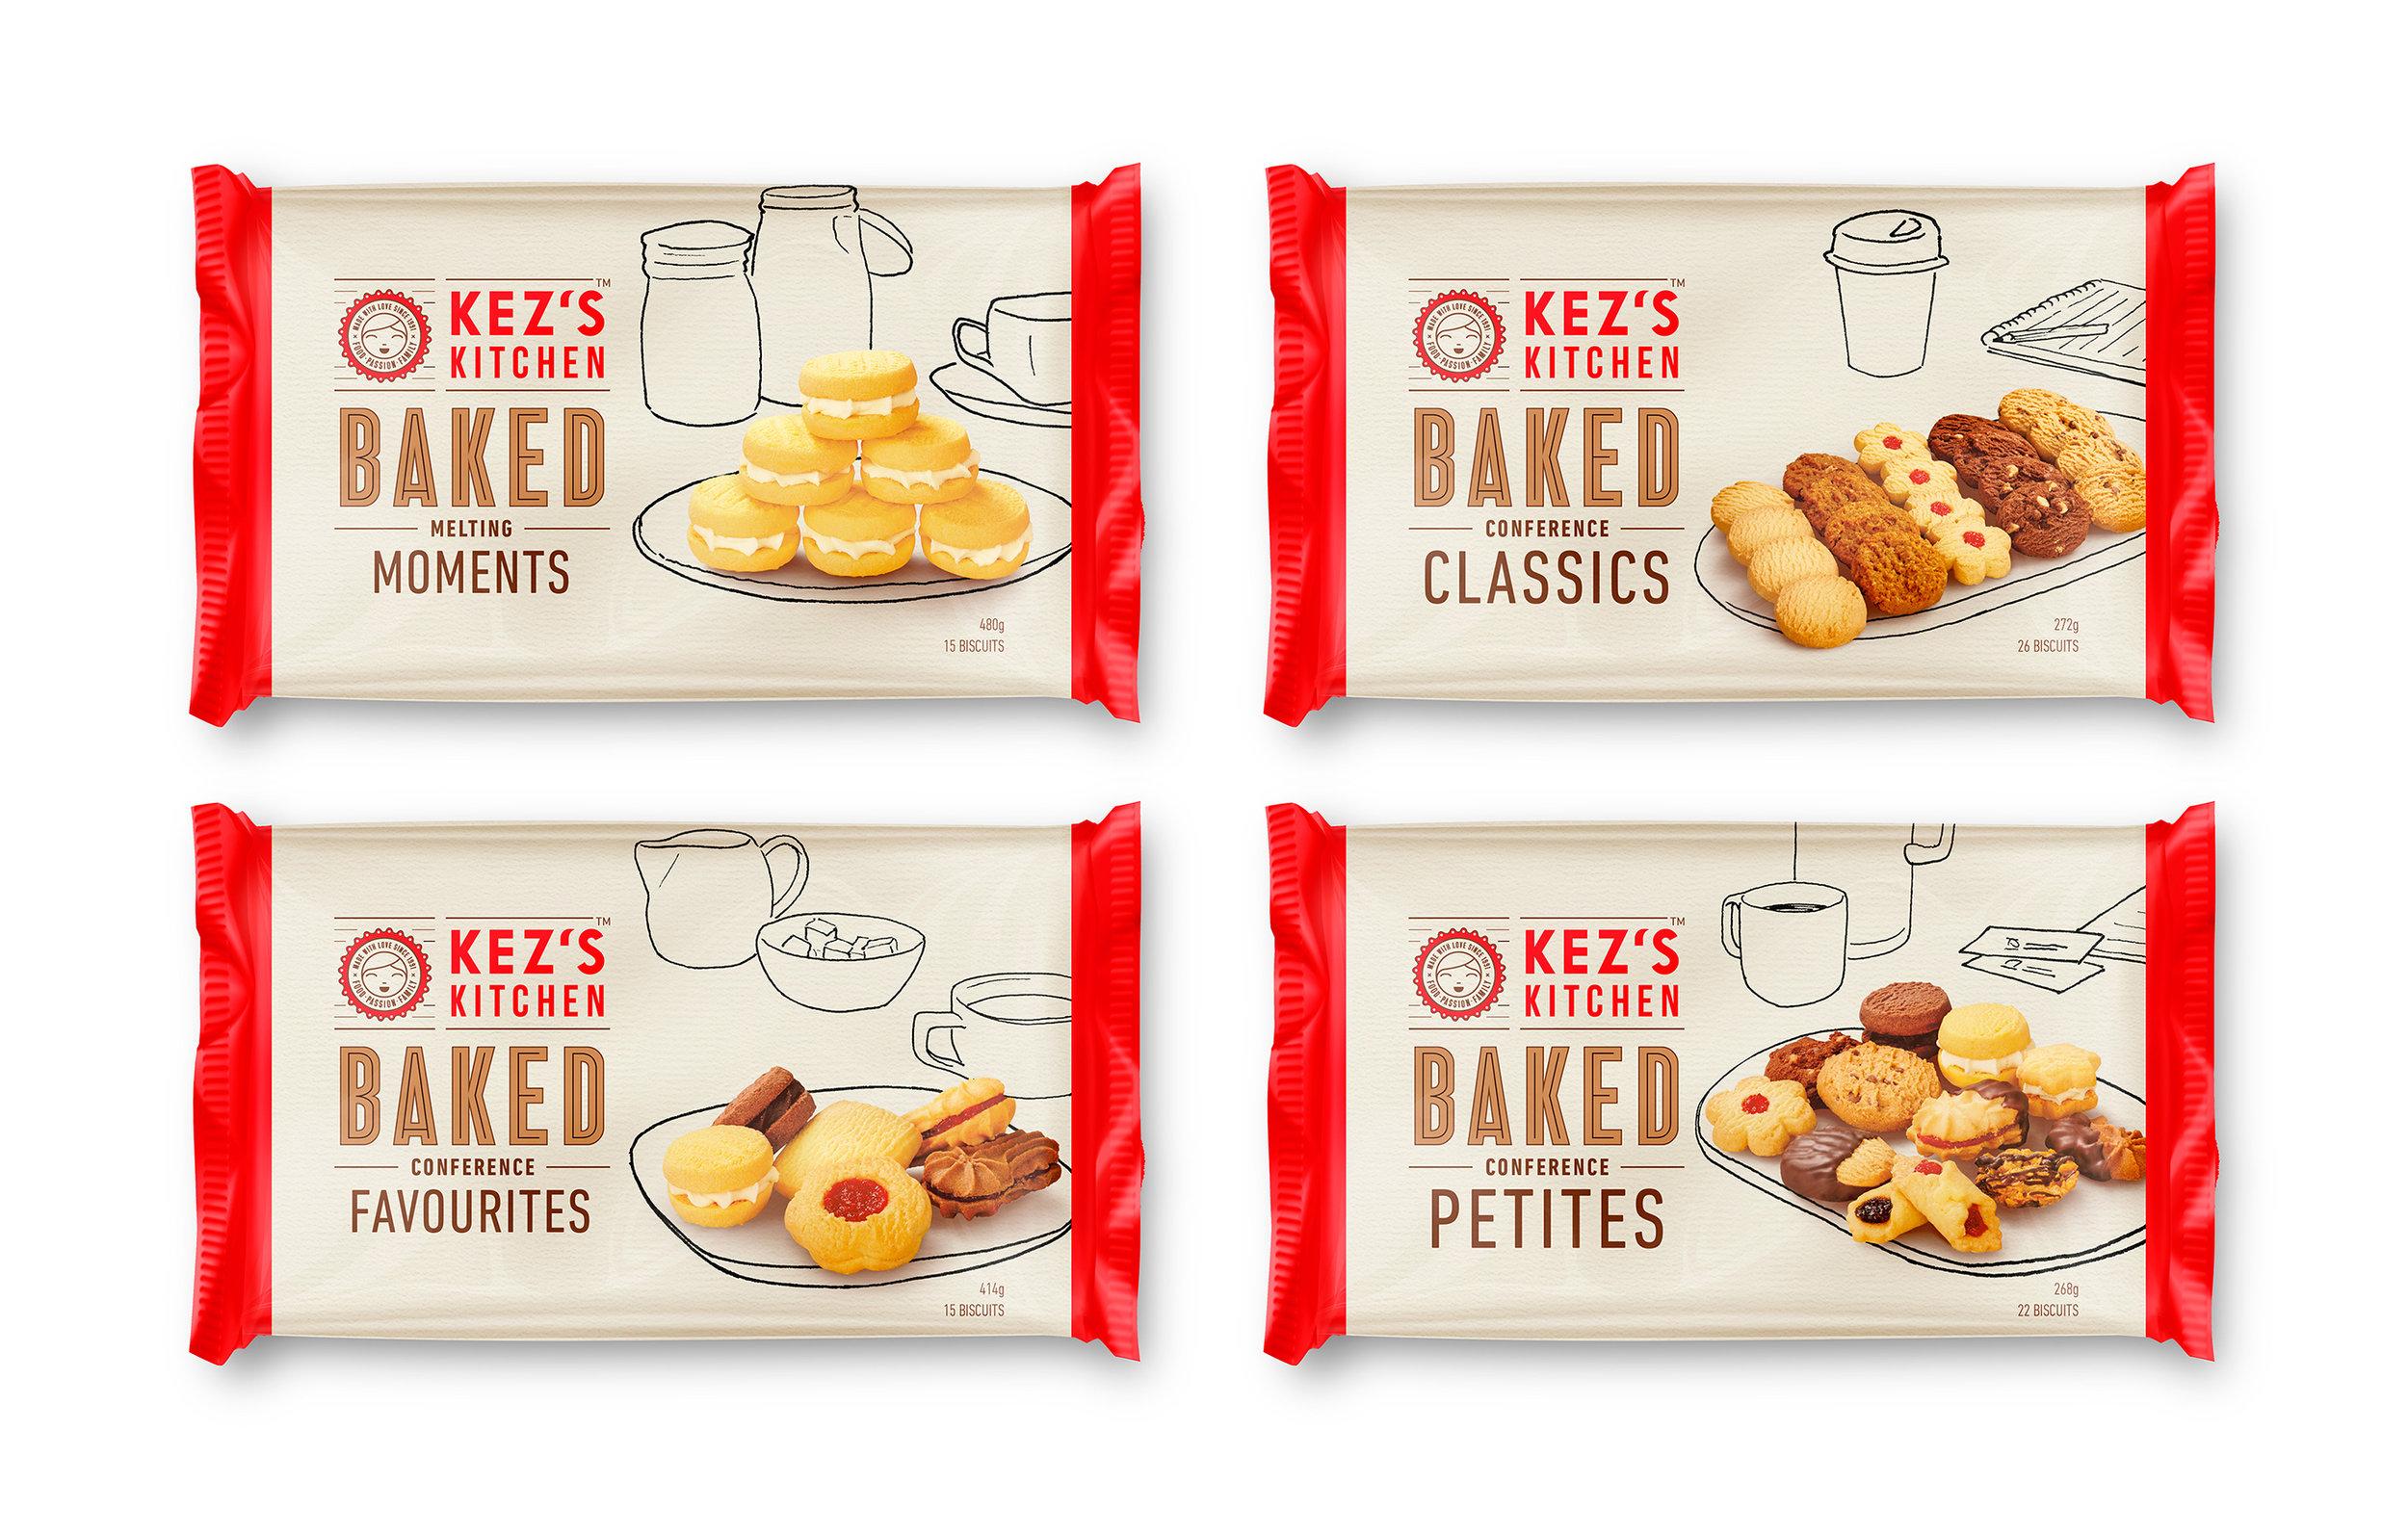 Kezs-Baked-Tray.jpg